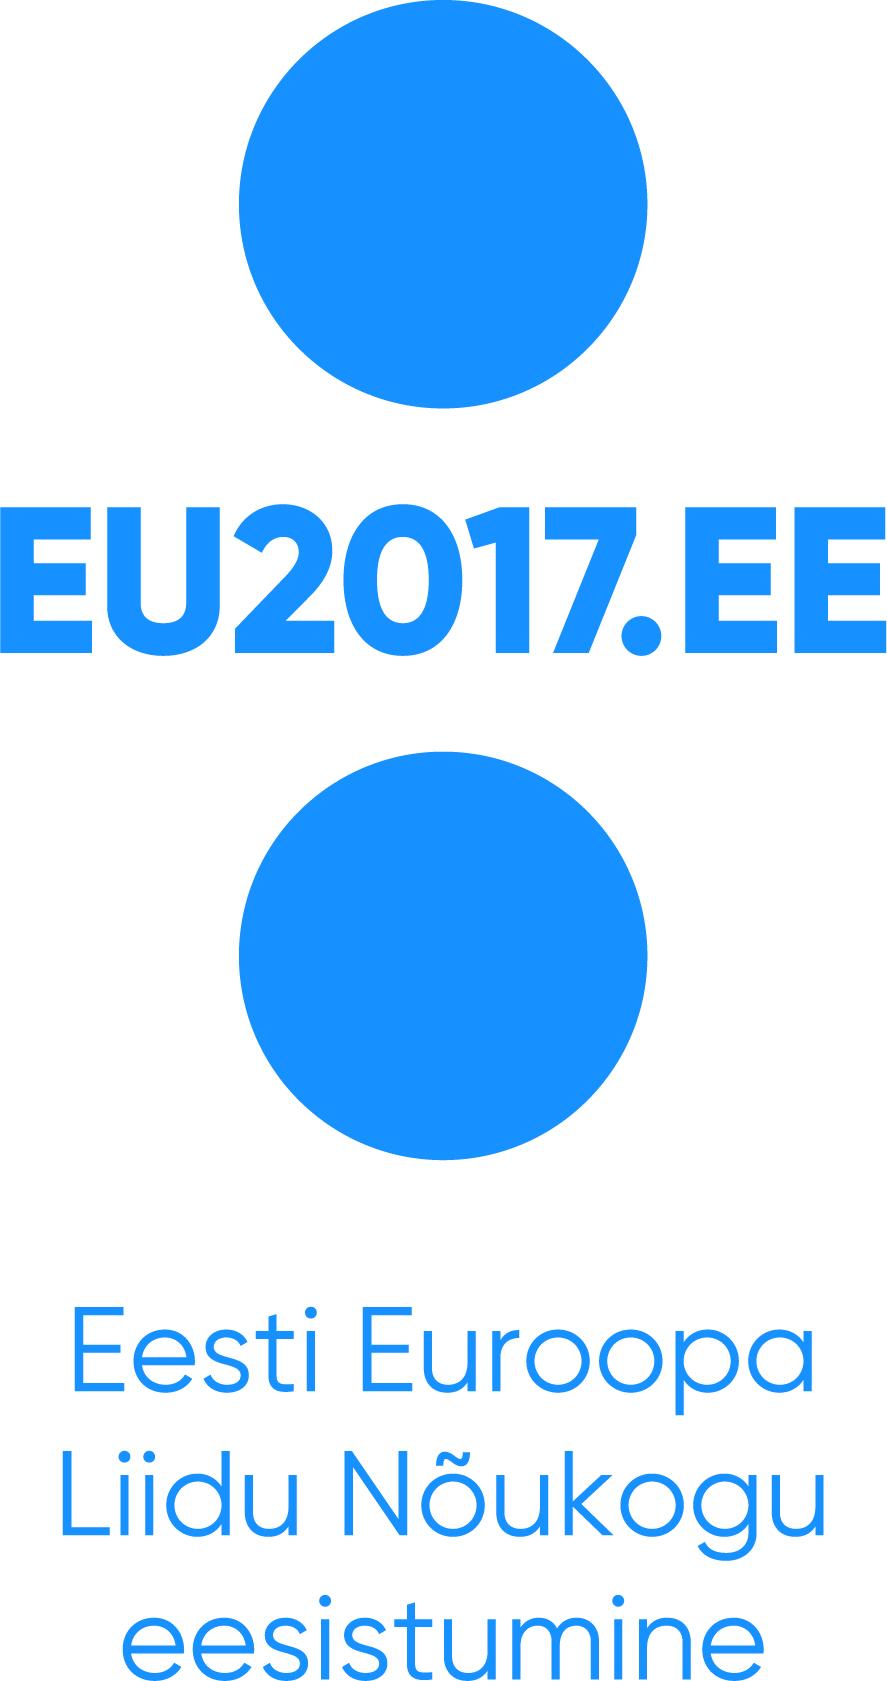 EU2017 logo sümboliseerib tasakaalu tehnoloogilise progressi ja ürglooduse vahel. Foto: Identity OÜ, Riigikantselei